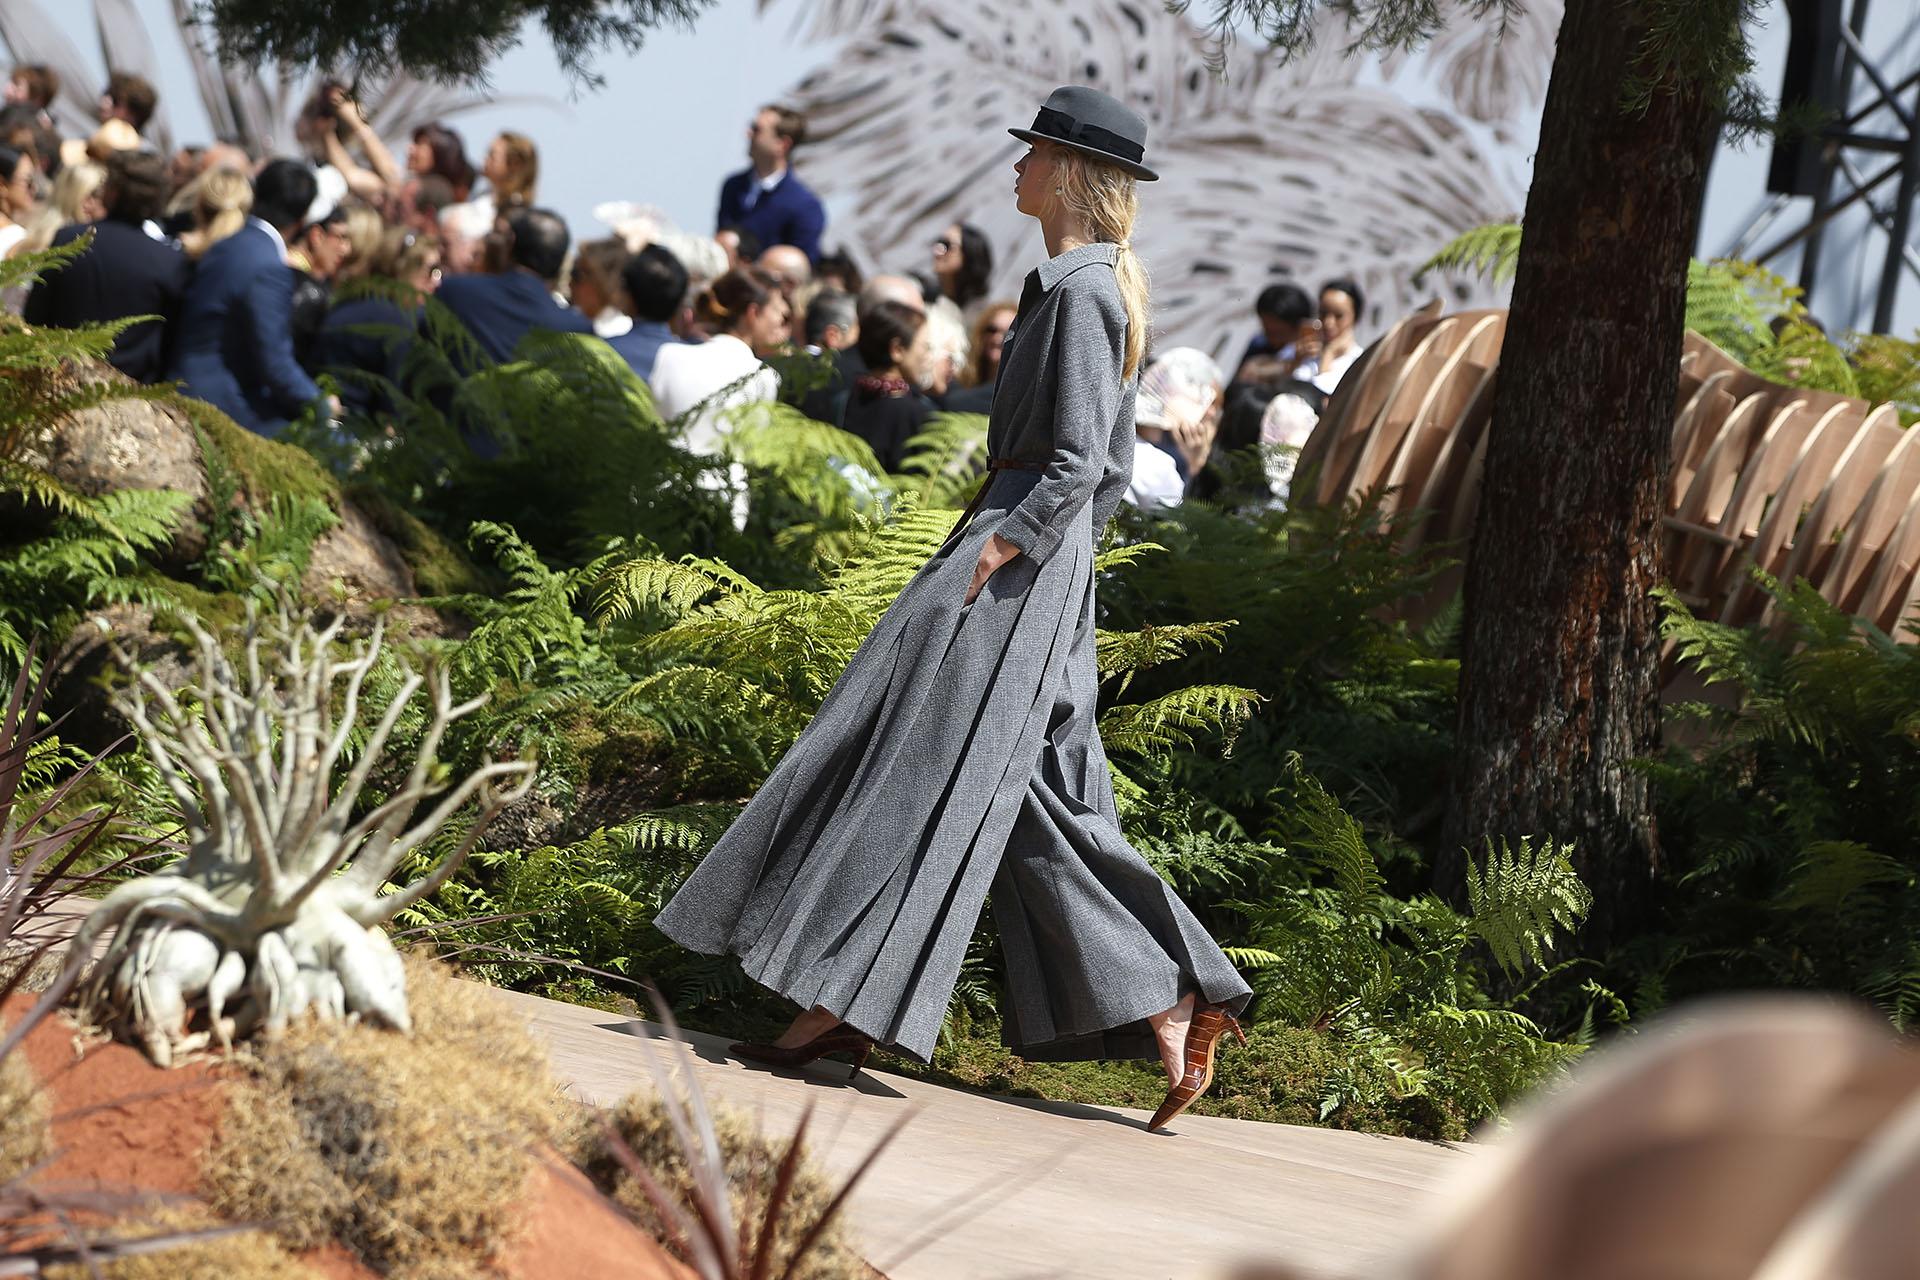 La diseñadora Maria Grazia Chiuri se inspiró los viajes de Christian Dior alrededor del mundo con piezas clásicas que fusionan la estética masculina y femenina (AP Photo/Thibault Camus)